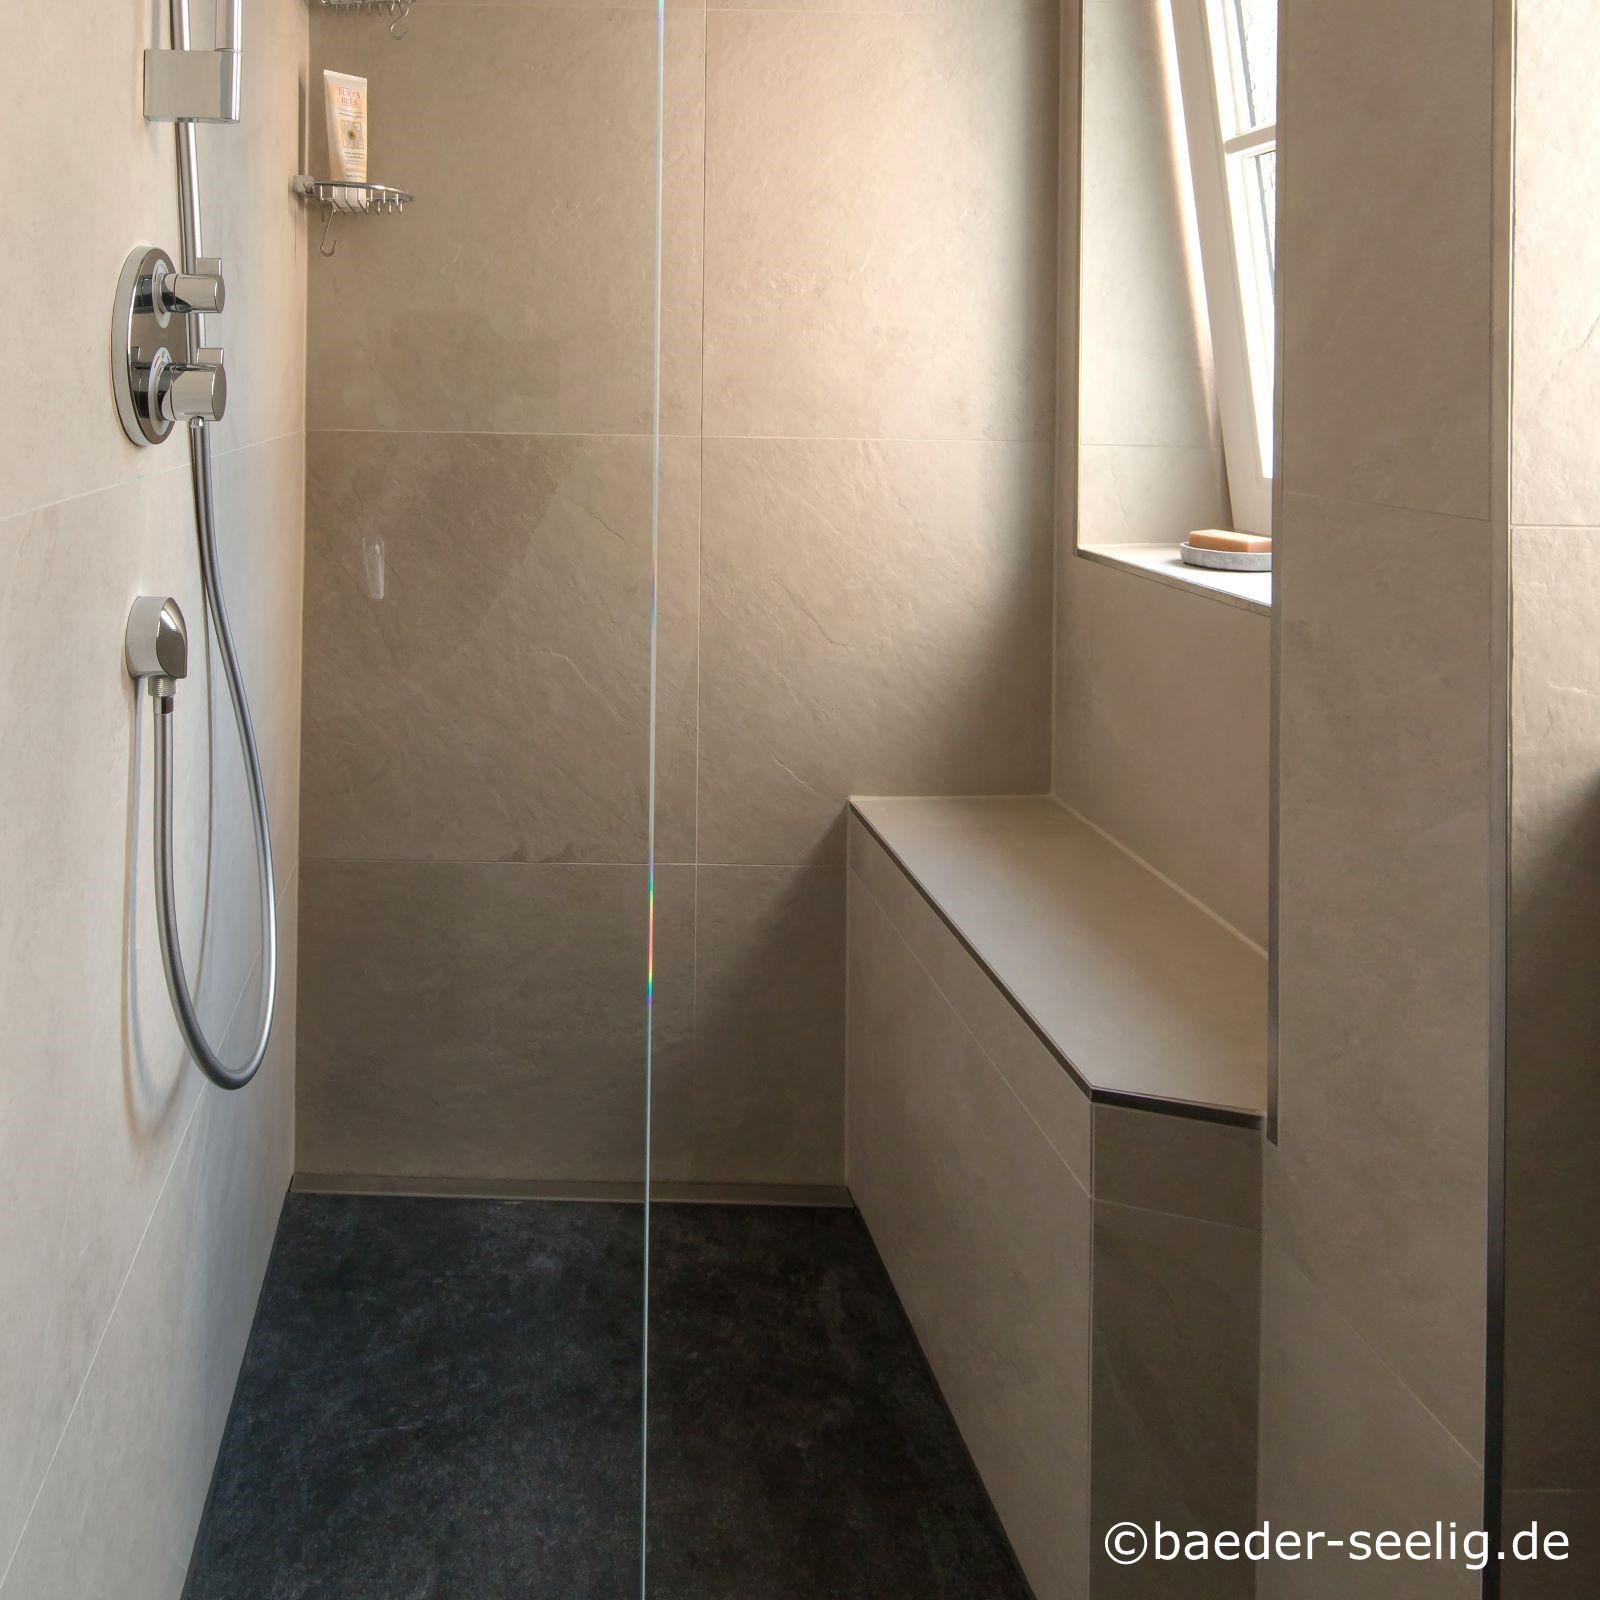 Abgebildet ist eine begehbare duschkabine nach mass in einer wandnische, die vorne links mit einer schmalen ganzglas-duschabtrennung als spritschutz versehen ist. Das bad ist an den waenden mit hellbrauen kerlite xxl feinsteinzeugfliesen und auf dem boden mit schwarzen kerlite xxl feinsteinzeugfliesen gefliest. Rechts in der dusche unter dem badfenster befindet sich eine duschbank. Die bodentiefe duschkabine ist mit einer hand- und einer regenbrause ausgestattet. Die an der duschrueckwand wandbuendig eingebaute duschablaufrinne sorgt mit ihrer sehr hohen ablaufleistung von ca. 1 l/s fuer einen sehr schnellen ablauf des wasserschwalls aus der rainshower dusche. Die in der optimalen sonderanfertigung cm-genau angepasste bodenablaufrinne ermoeglichte die einfache herstellung eines einseitigen gefaelles und damit des einfachen verlegens der xxl fliesen. Zudem machte sie durch ihre sehr geringe einbauhoehe als flachste duschrinne nach mass erst den einbau einer bodengleichen dusche hier im altbau trotz der sehr geringen zur verfuegung stehenden aufbauhoehe moeglich.